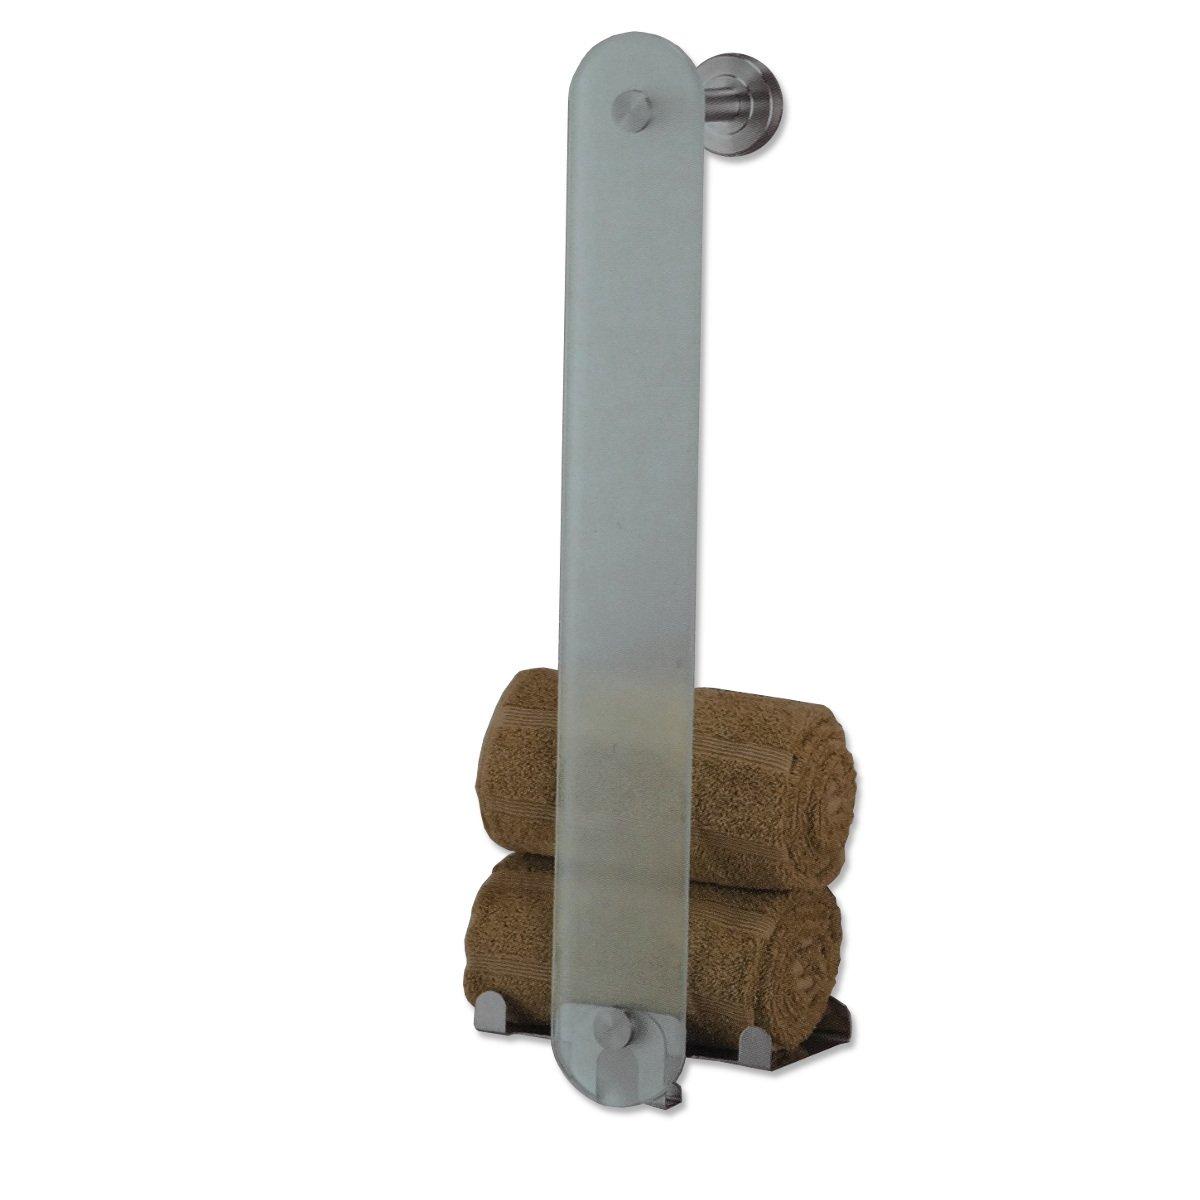 handtuchhalter aus glas und edelstahl handtuchhalter handtuchstange wandhalter amazonde kche haushalt - Handtuchhalter Dusche Glas